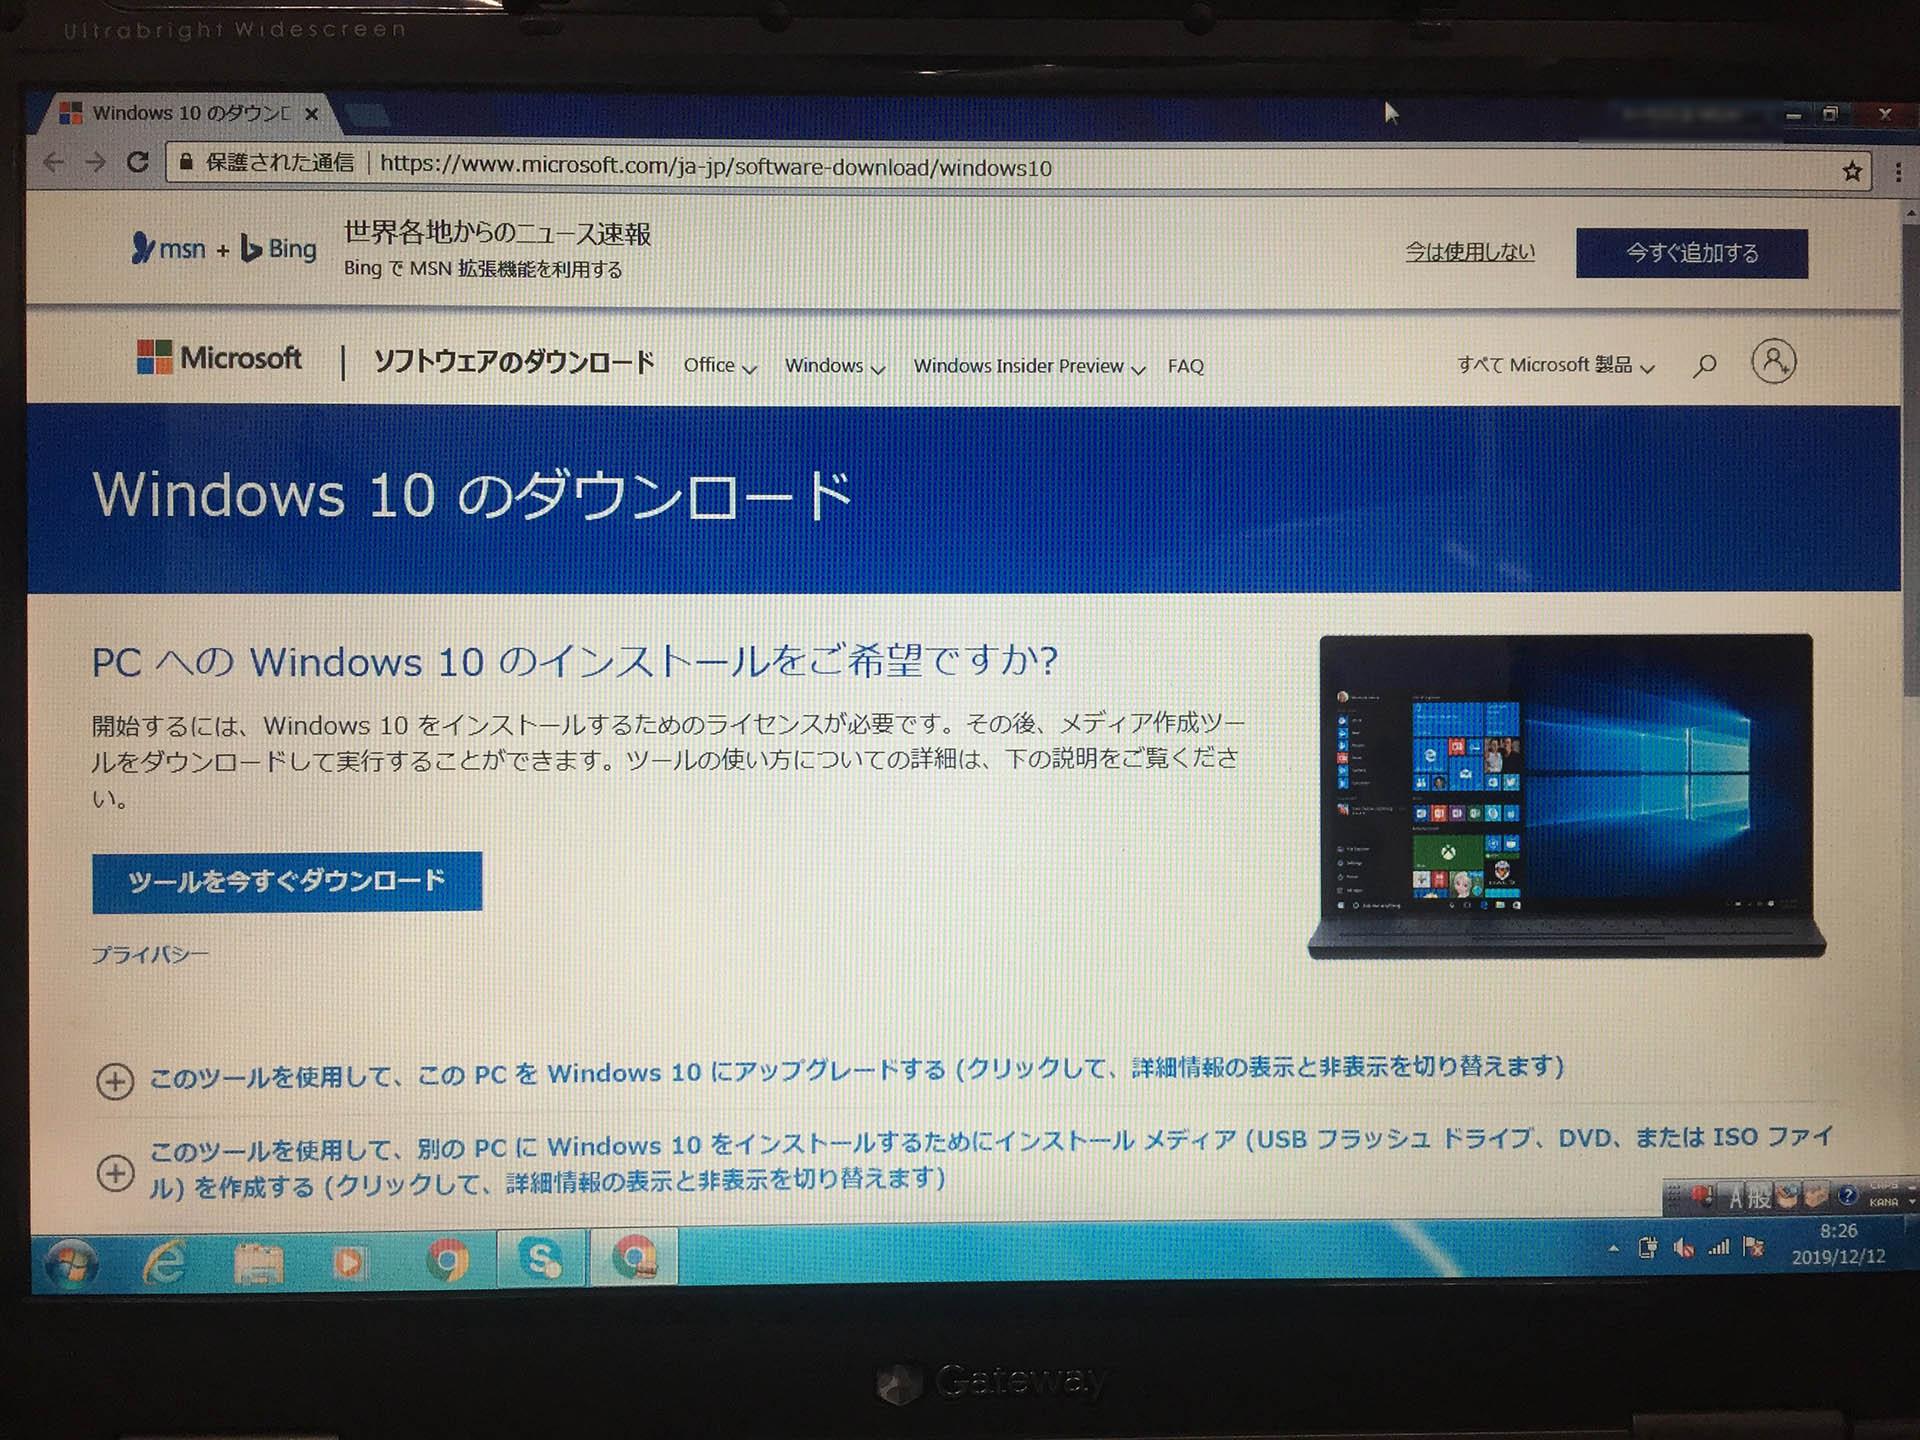 マイクロソフト ウィンドウズ10のダウンロードページ